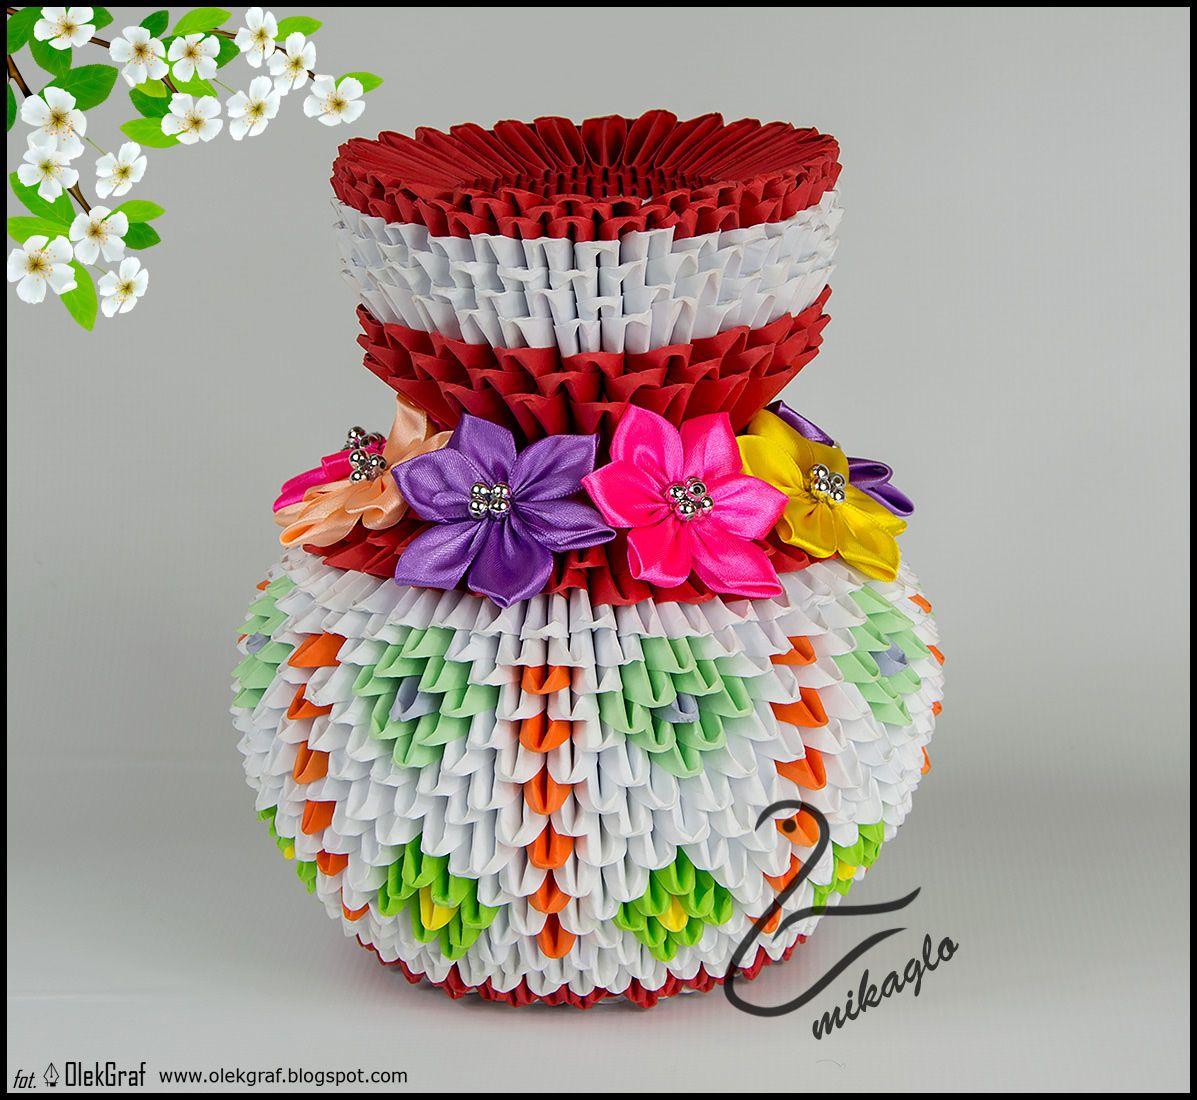 Vase 3d Origami Diagram: Origami 3d Flower Vase Tutorial: Mikaglo.blogspot.com